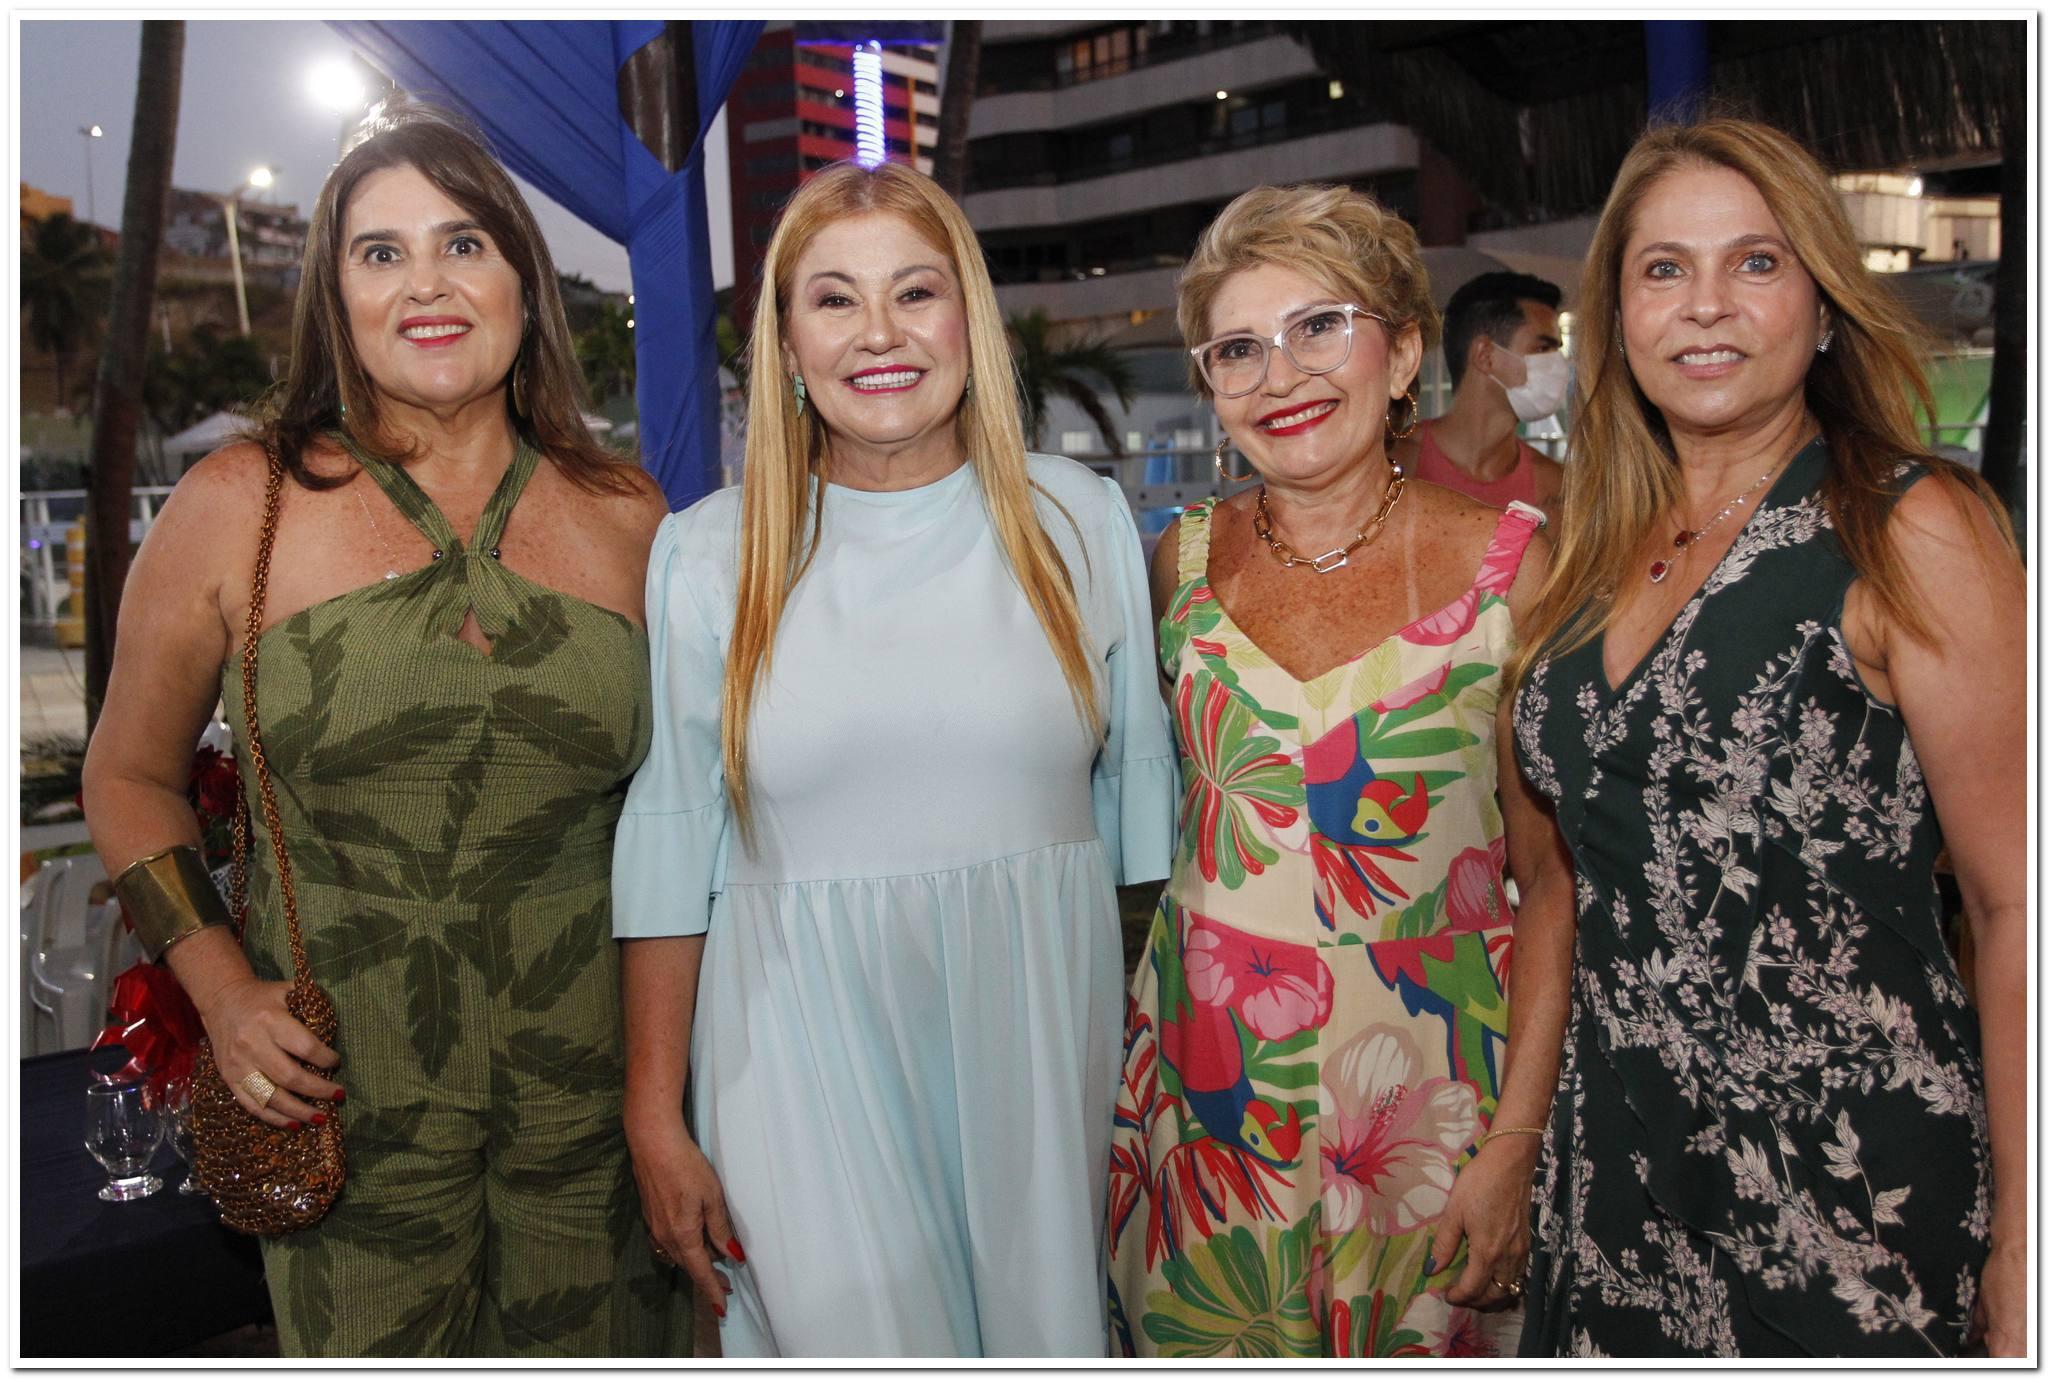 Arlene De Paula Pessoa, Stela Salles, Salete Araujo E Morgana Linhares